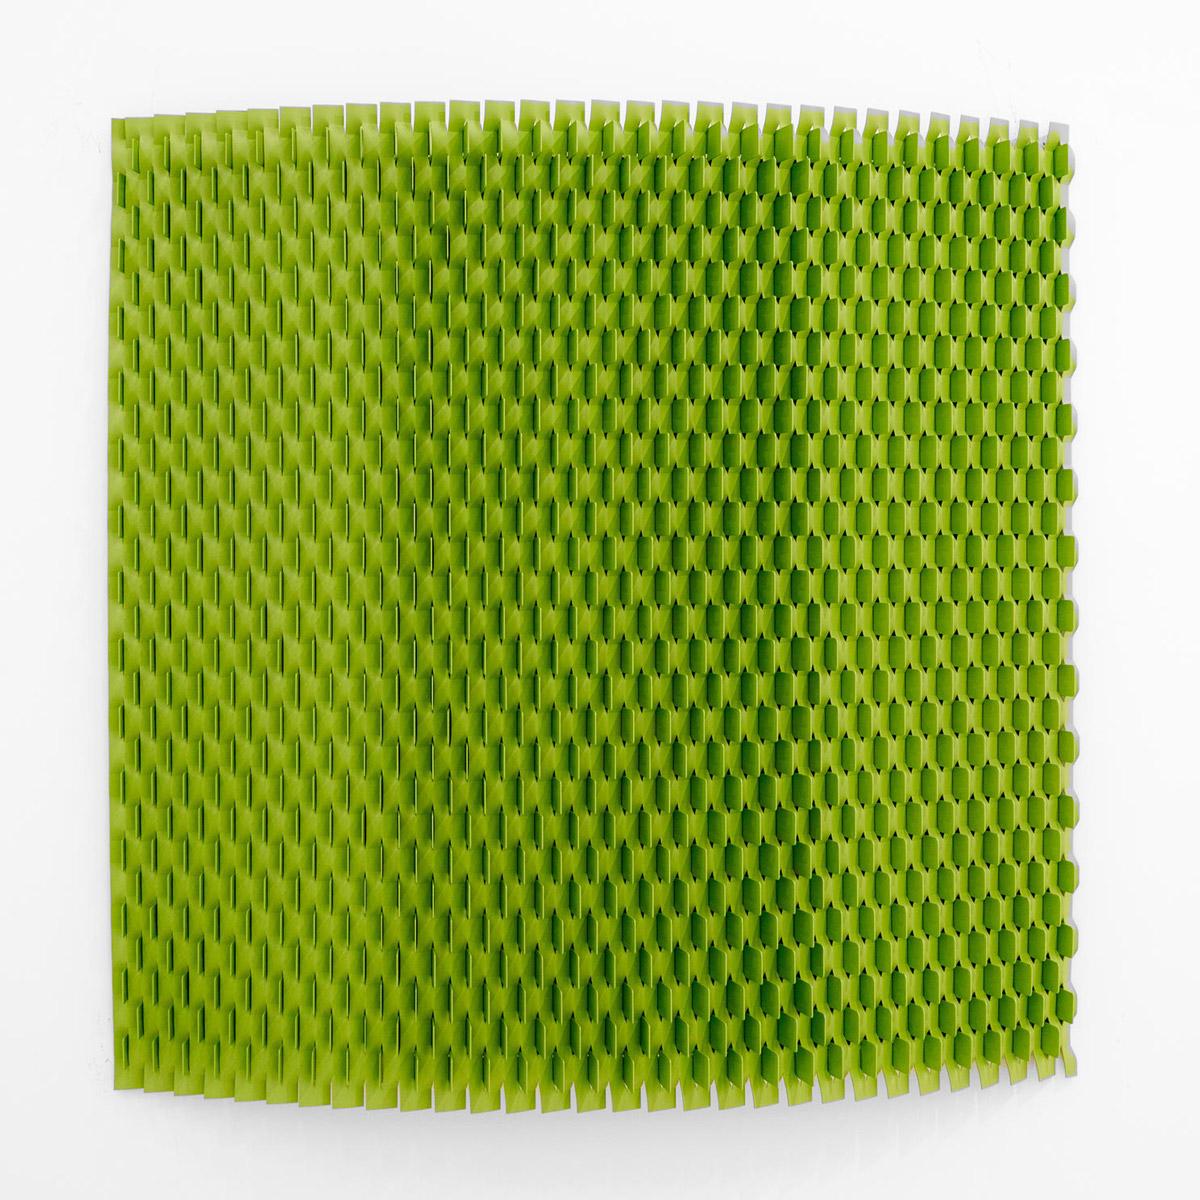 rashid al khalifa artwork parametric pattern